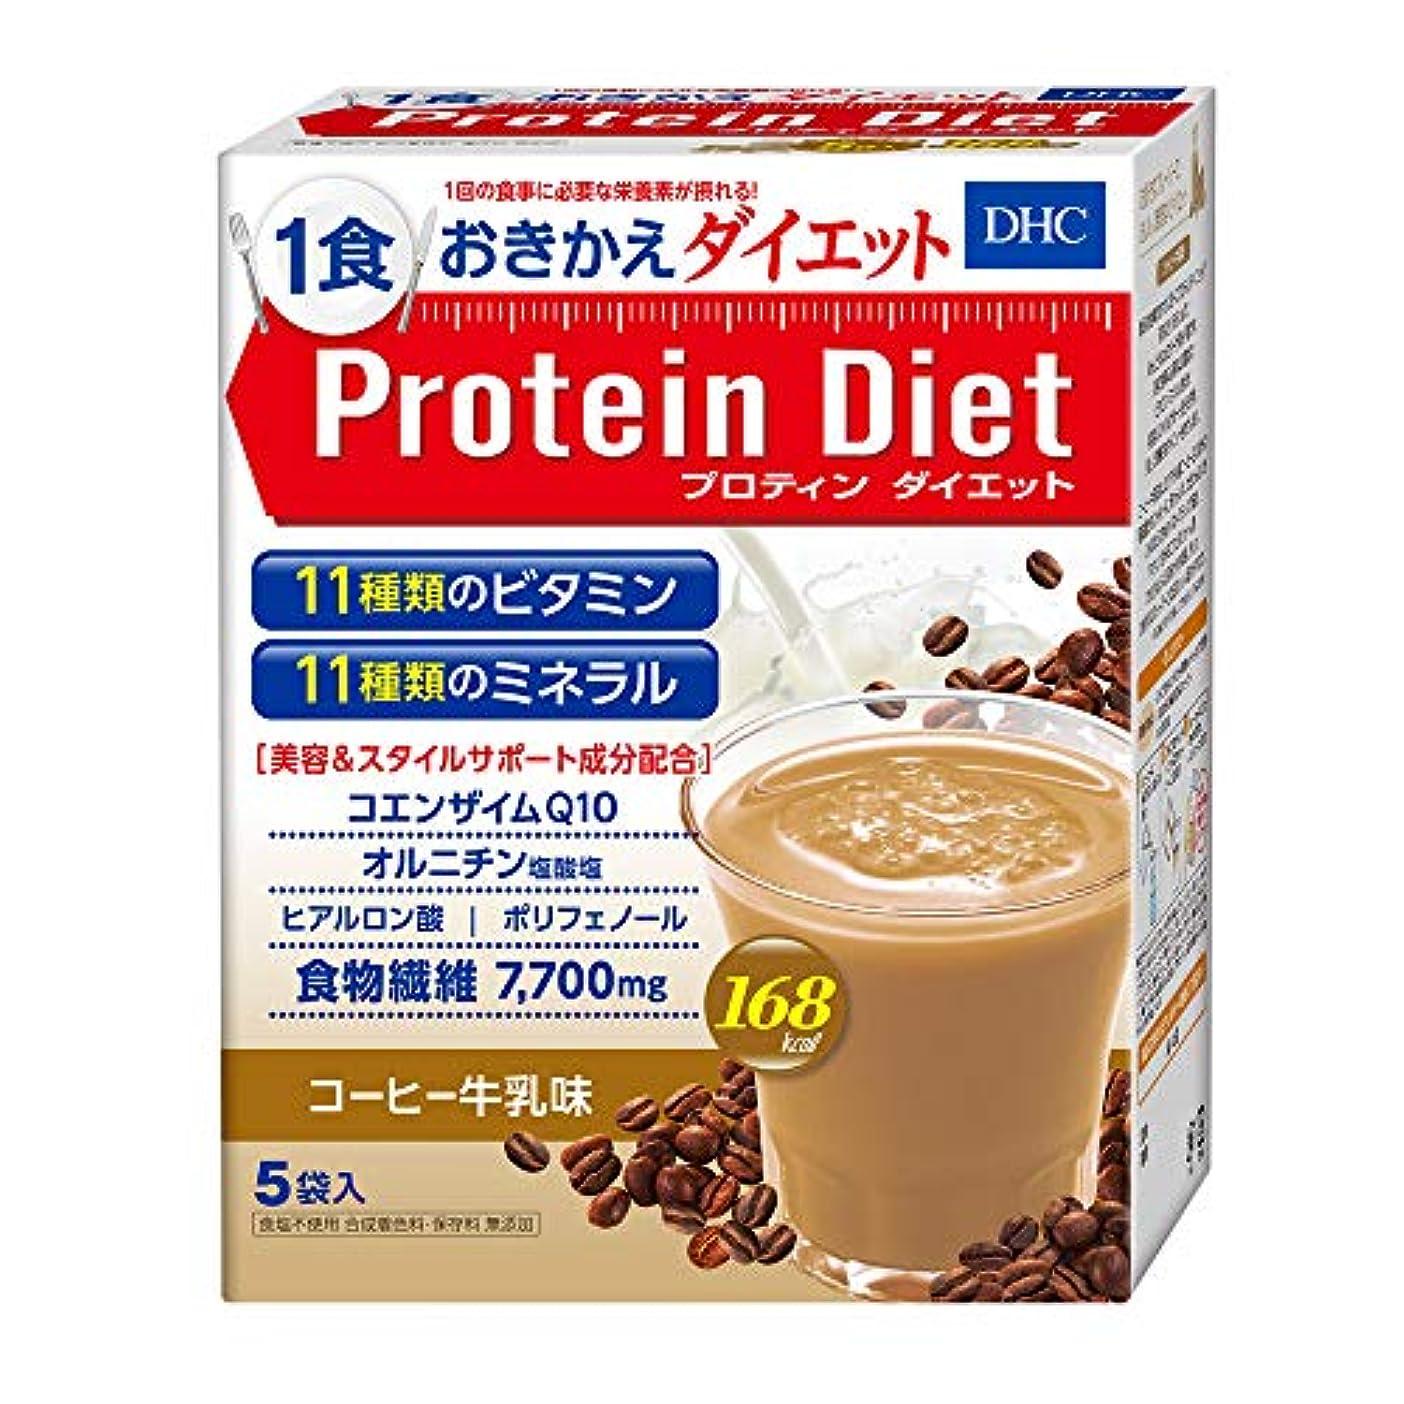 ましいブラスト謝罪DHCプロティンダイエット(コーヒー牛乳味)